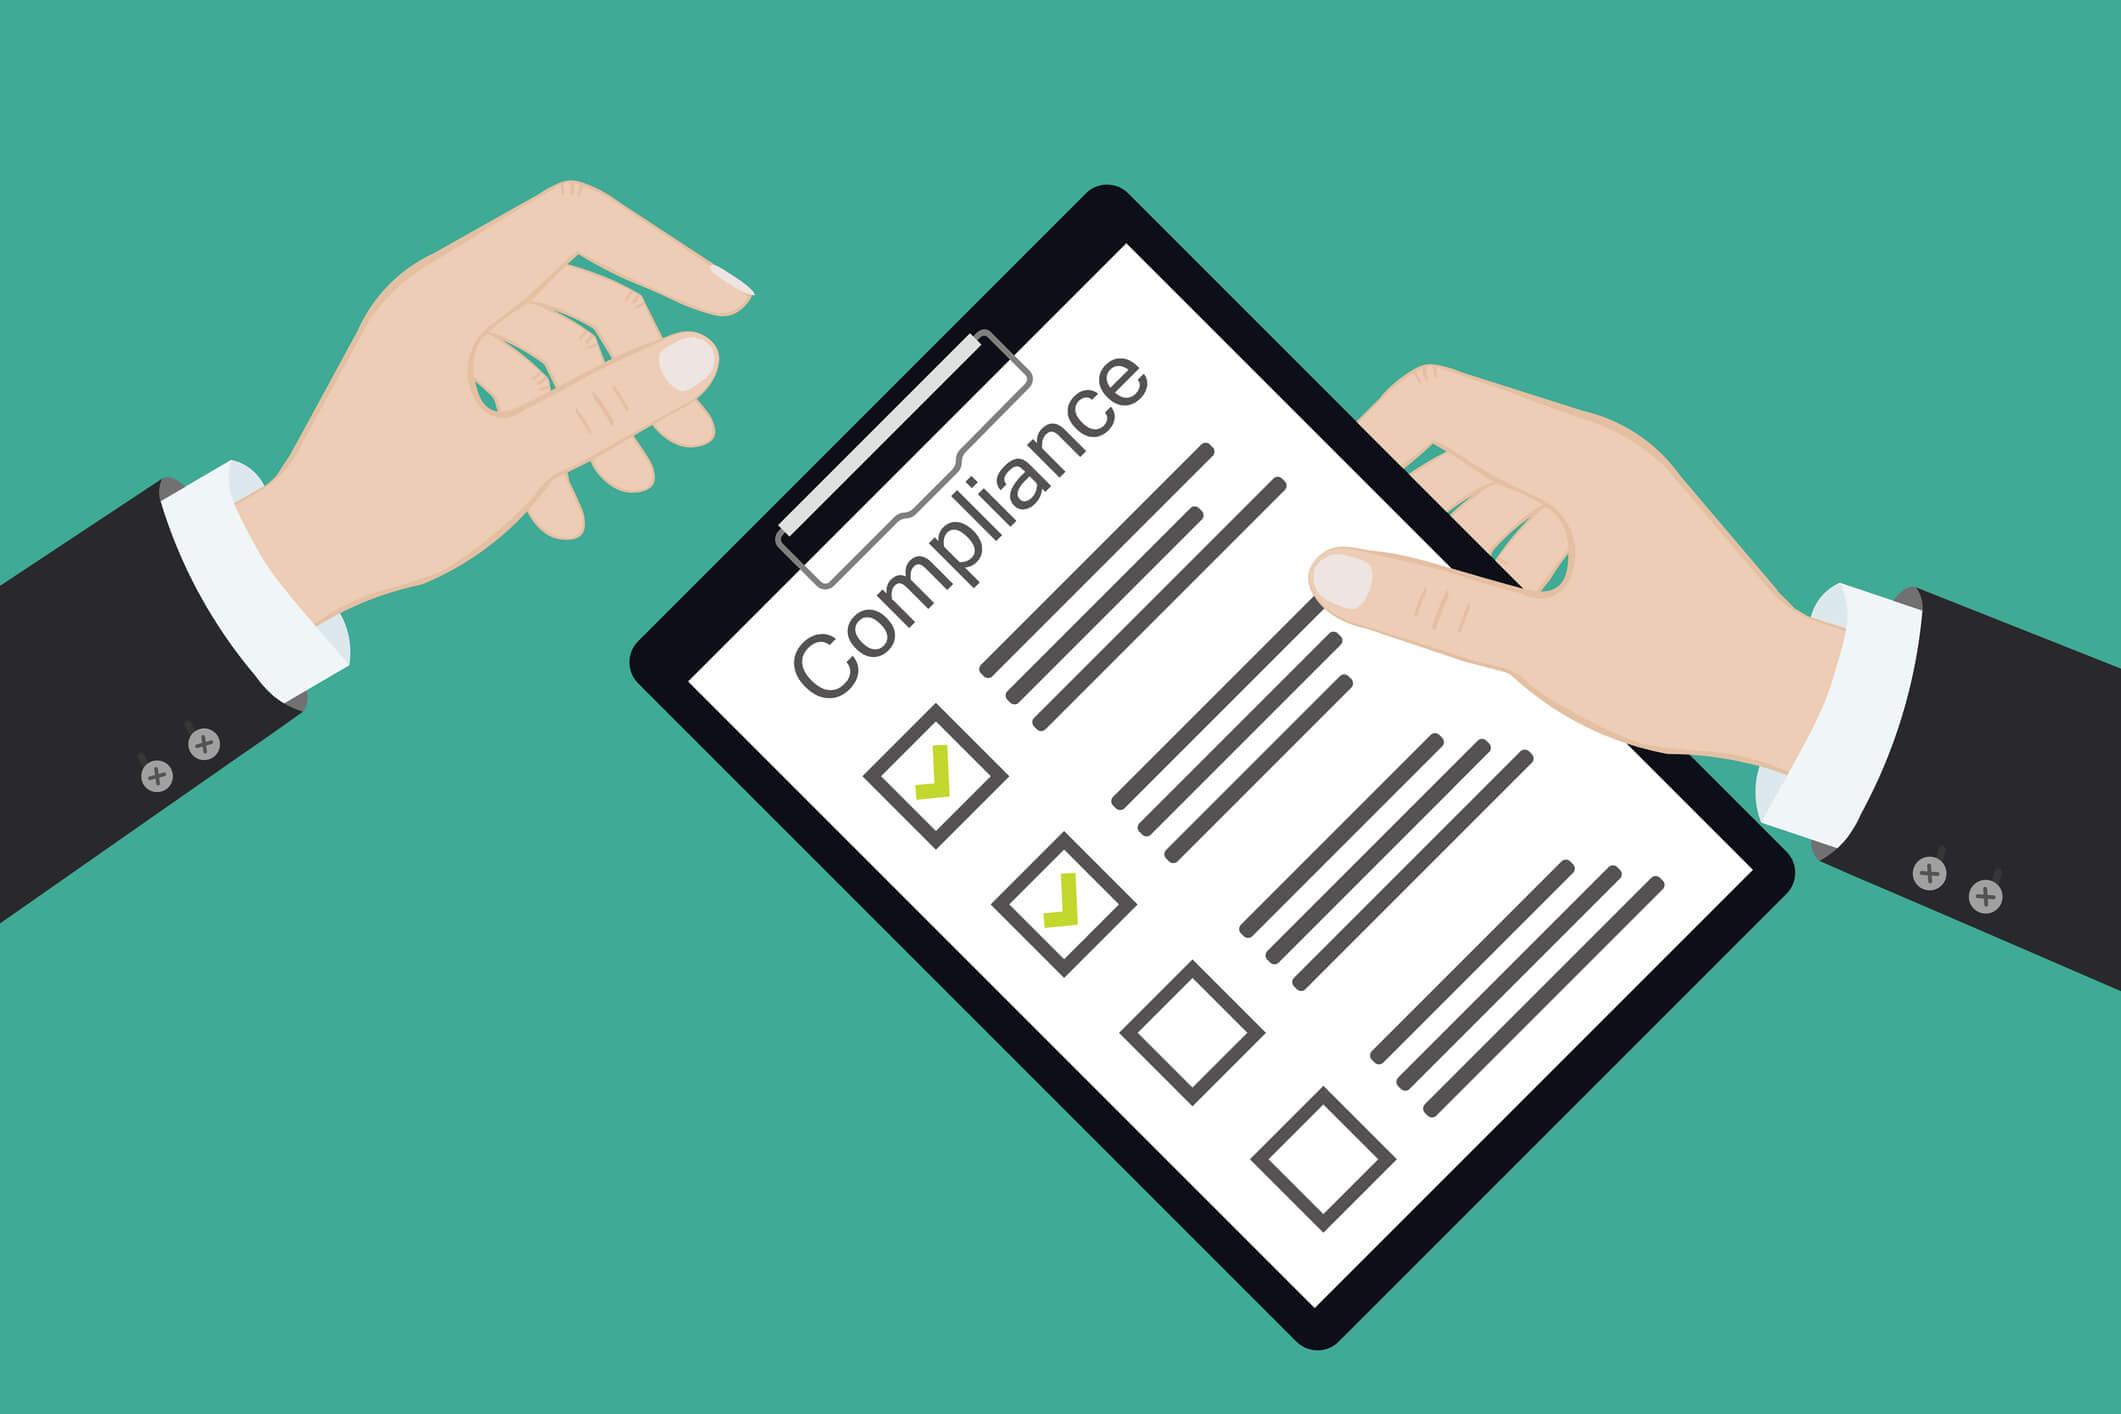 Hände-reichen-sich-Compliance-Checkliste